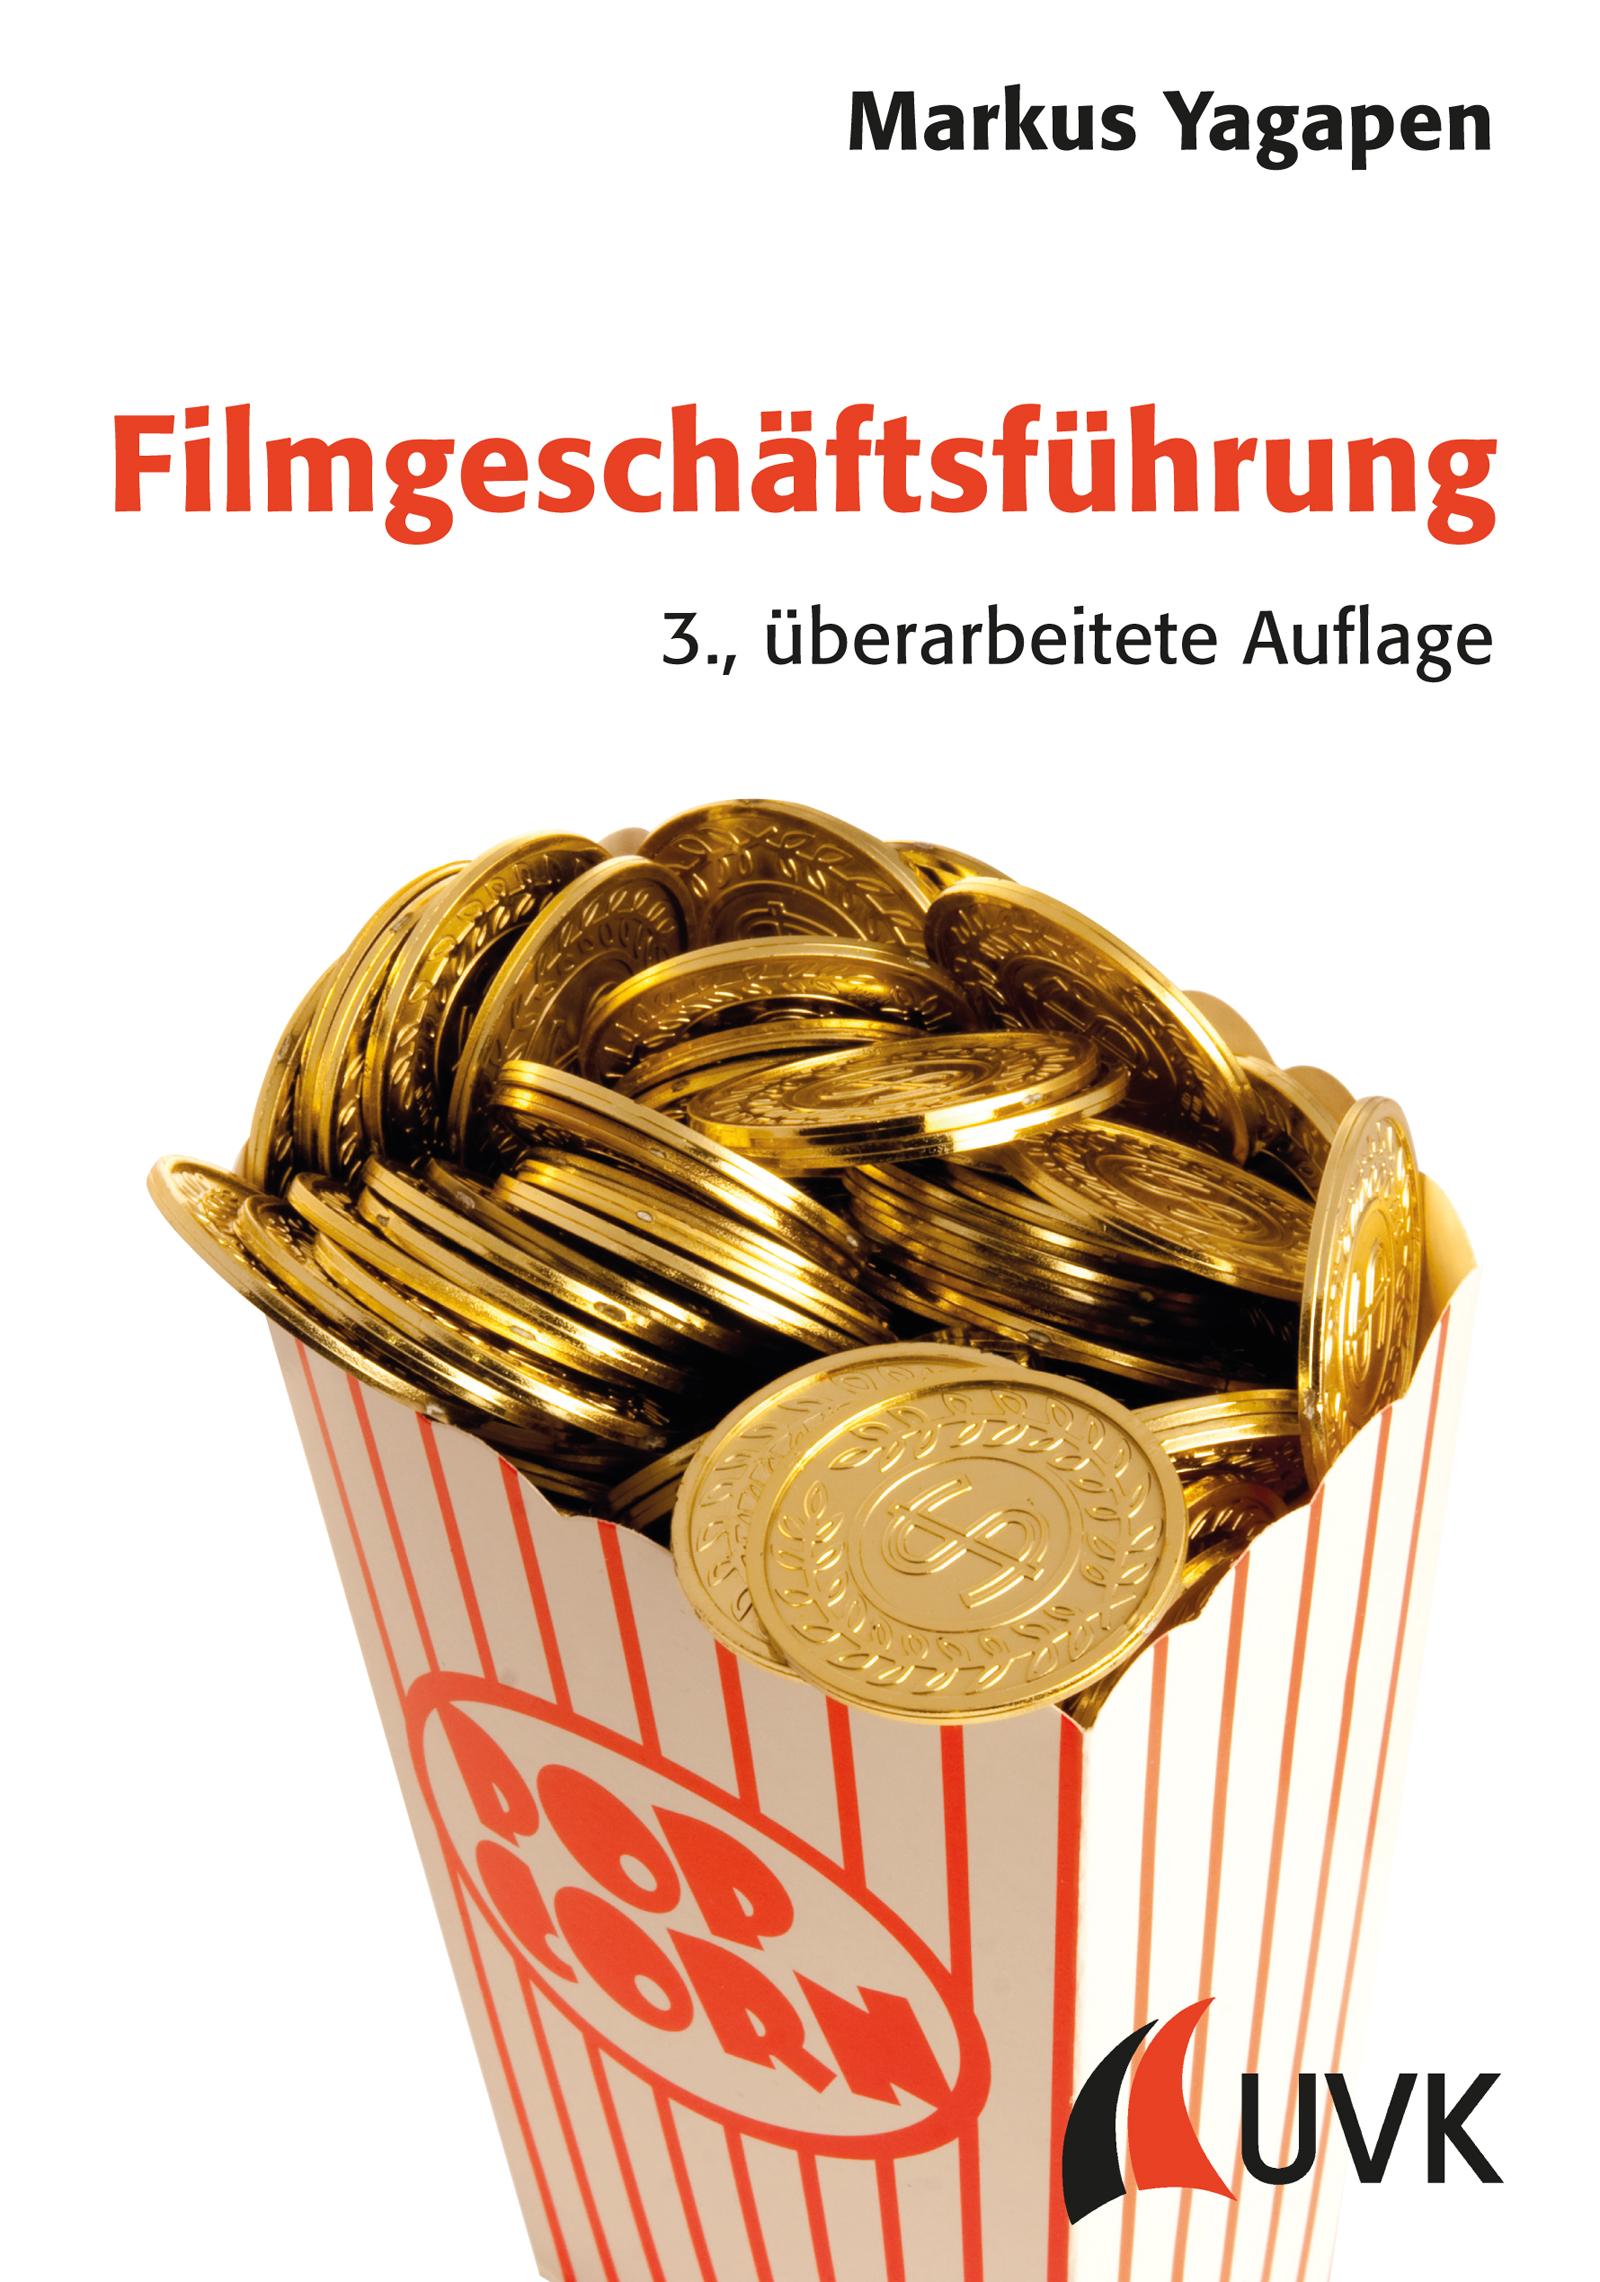 Buch Filmgeschäftsführung von Markus Yagapen